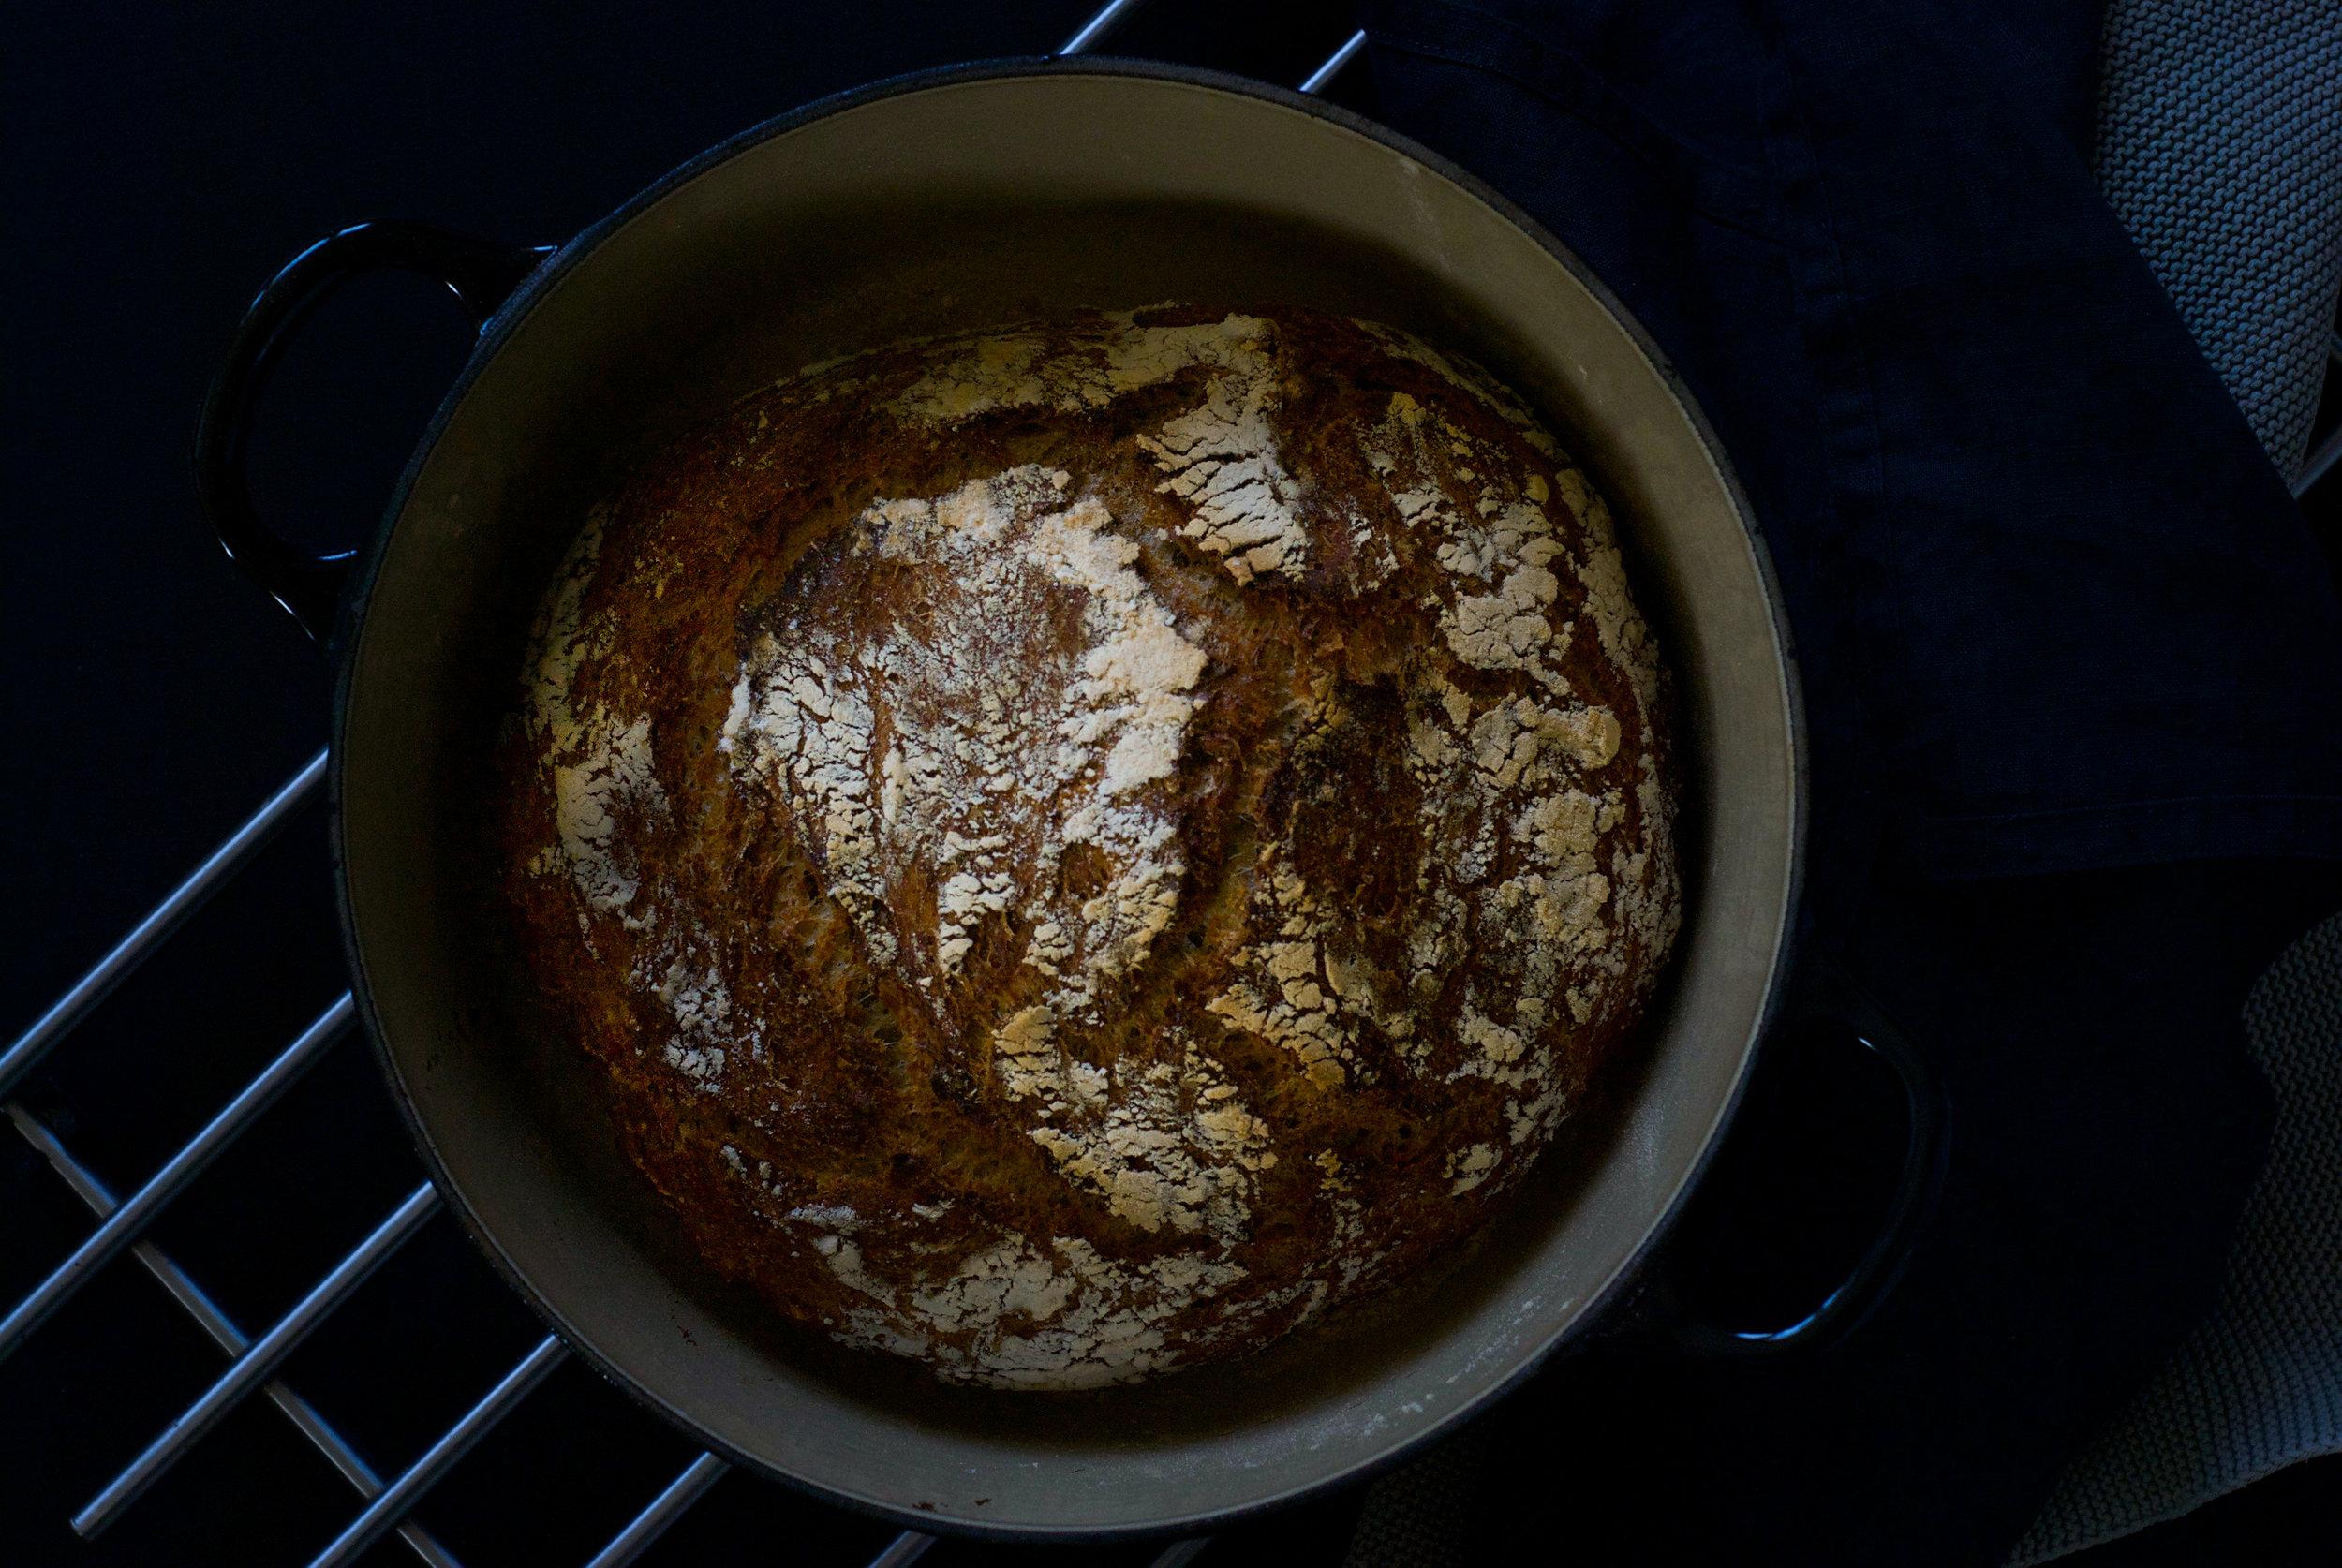 Mønster.  Disse eltefrie brødene får en flott struktur og mønster på toppen.